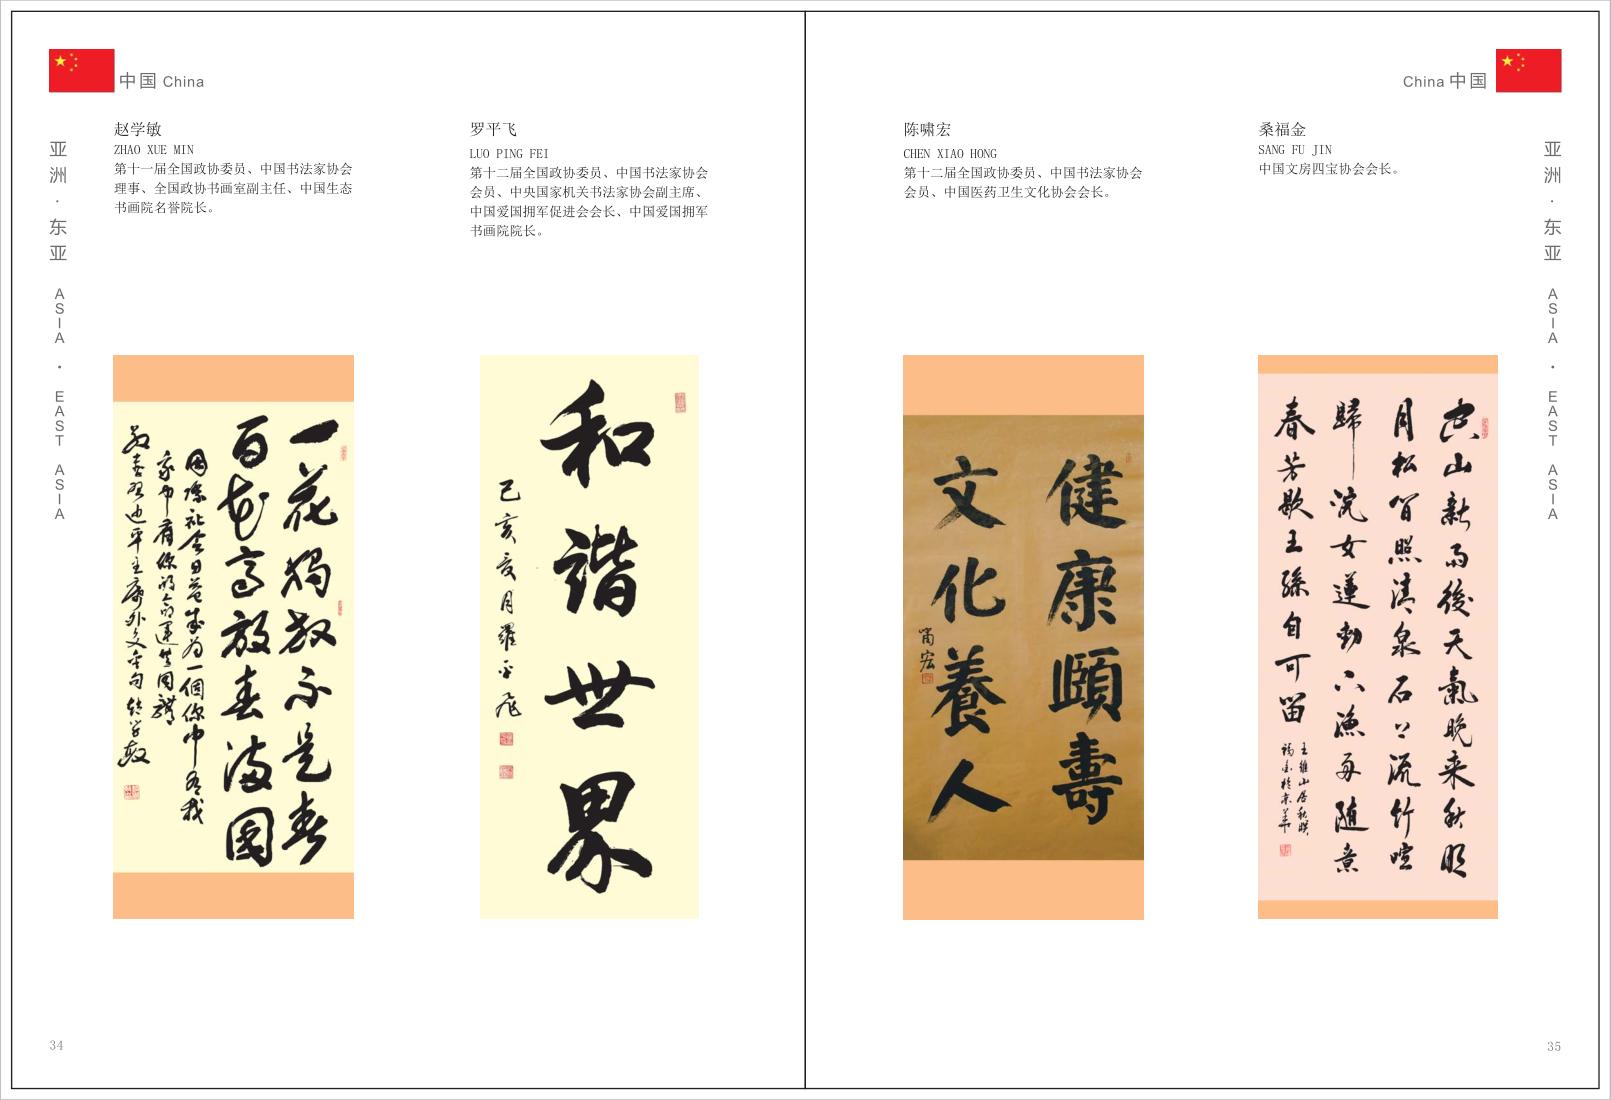 191页2_19.png